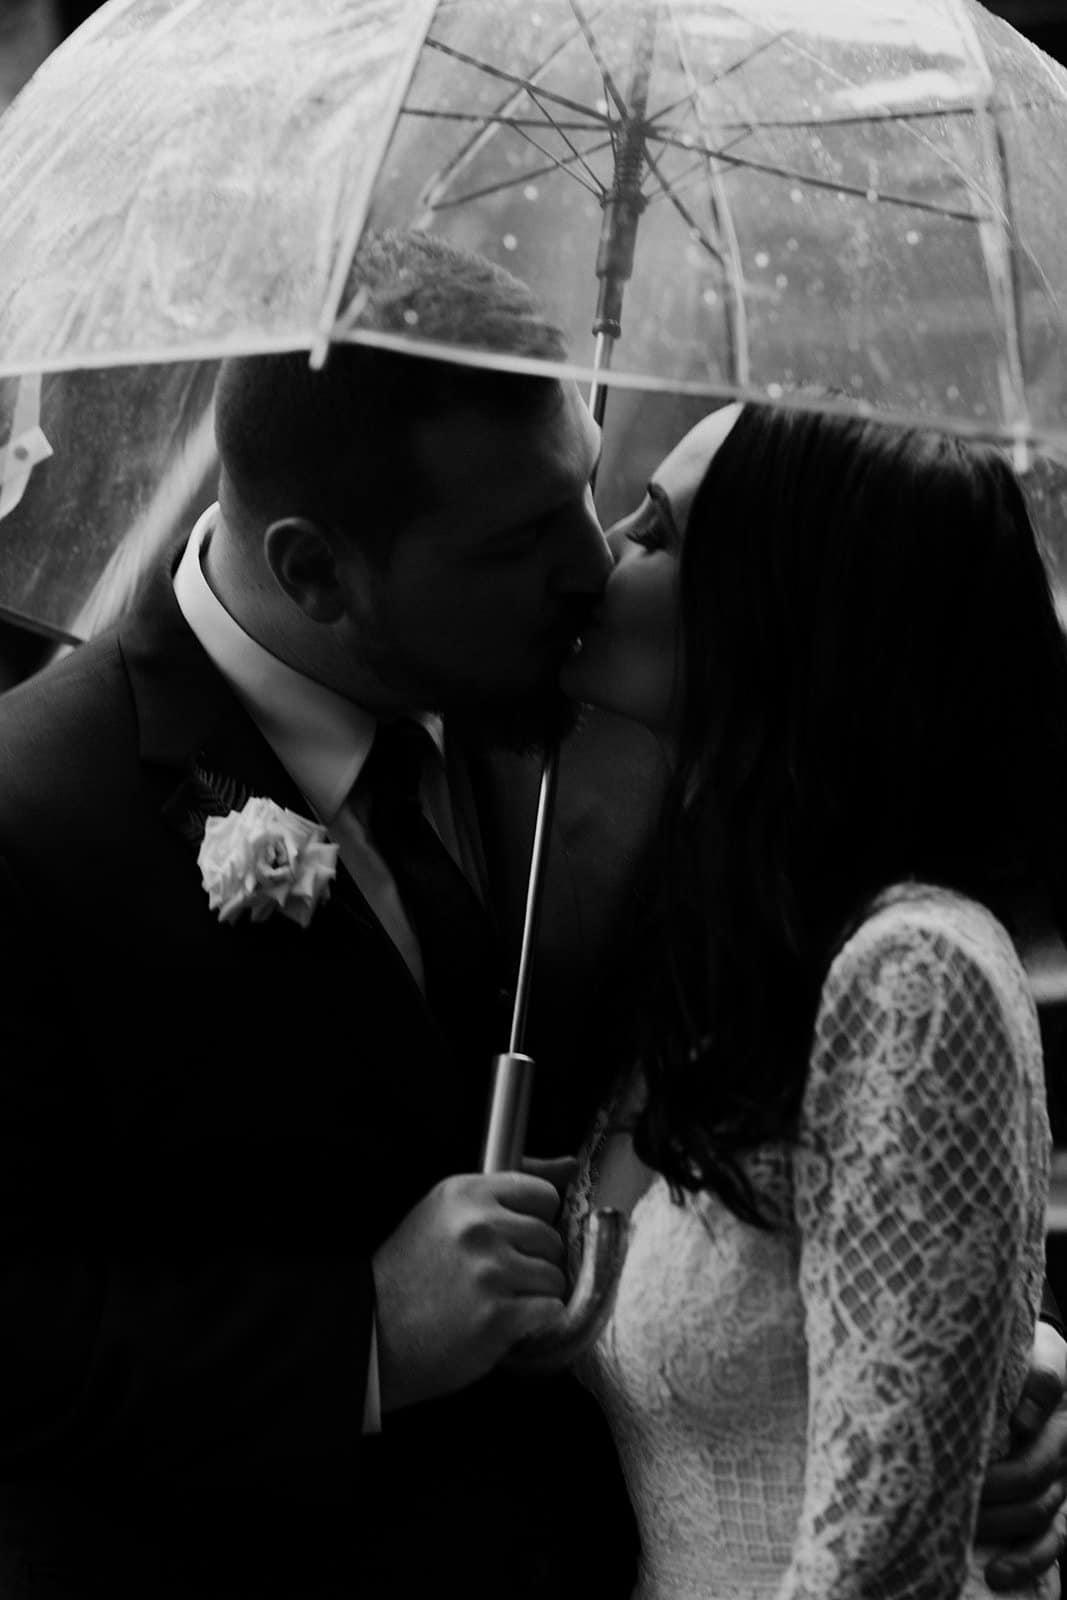 couple kisses under umbrella during the rain